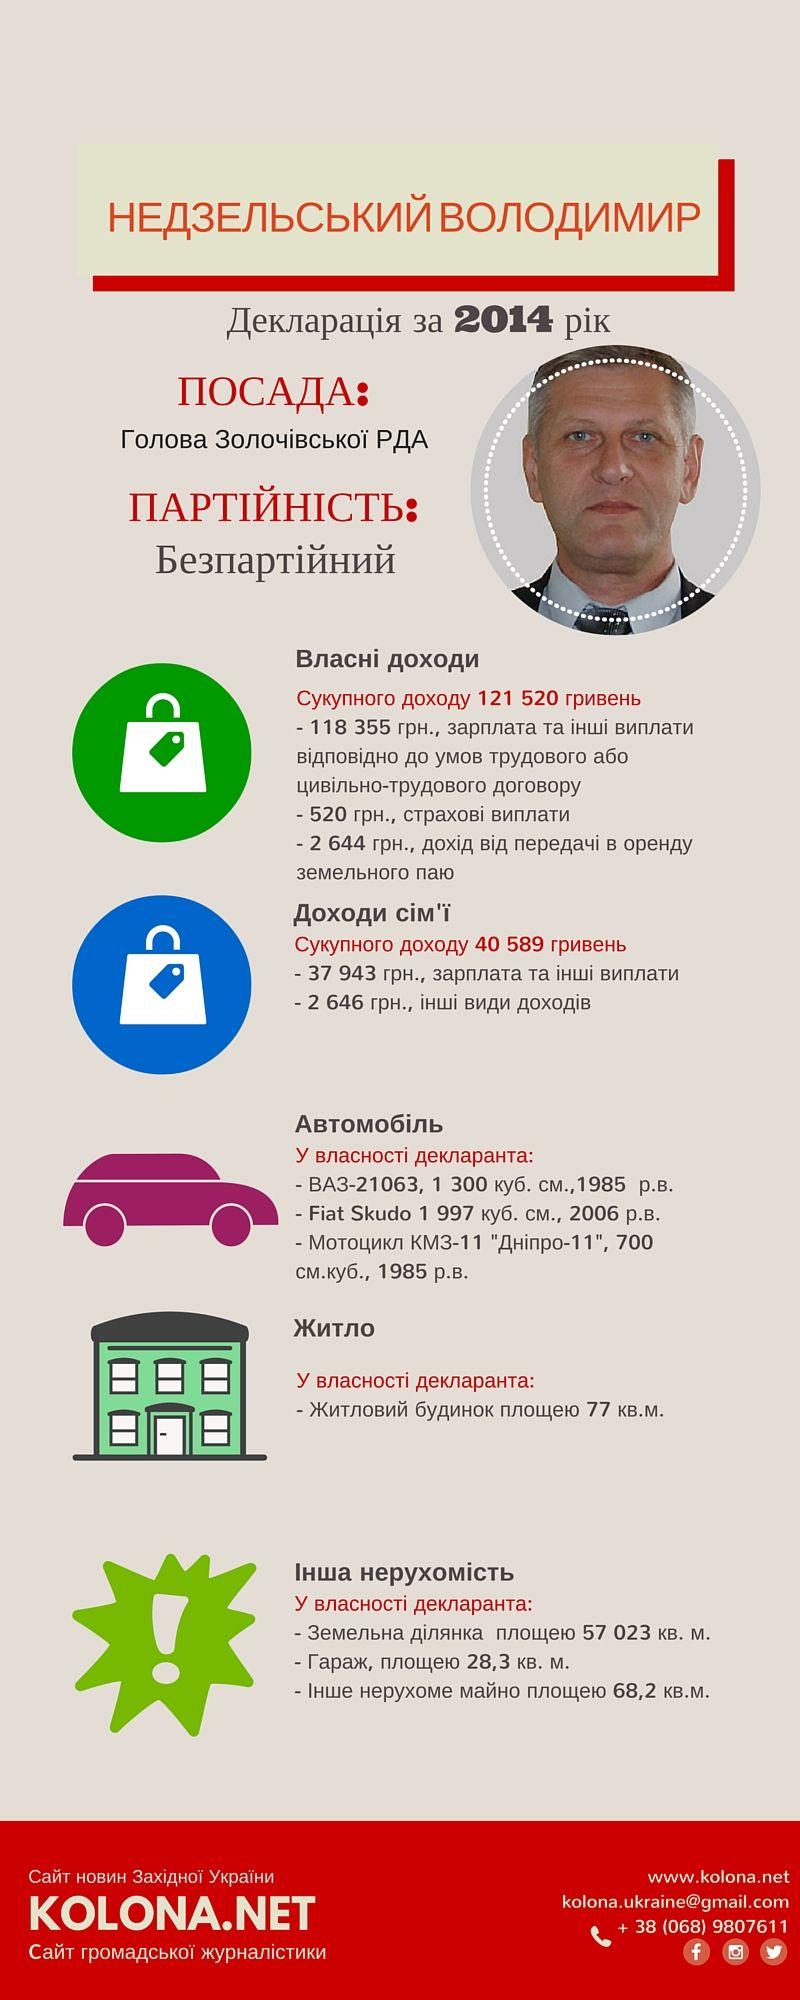 Сукупний дохід голови Золочівської РДА - Надзельського Володимира